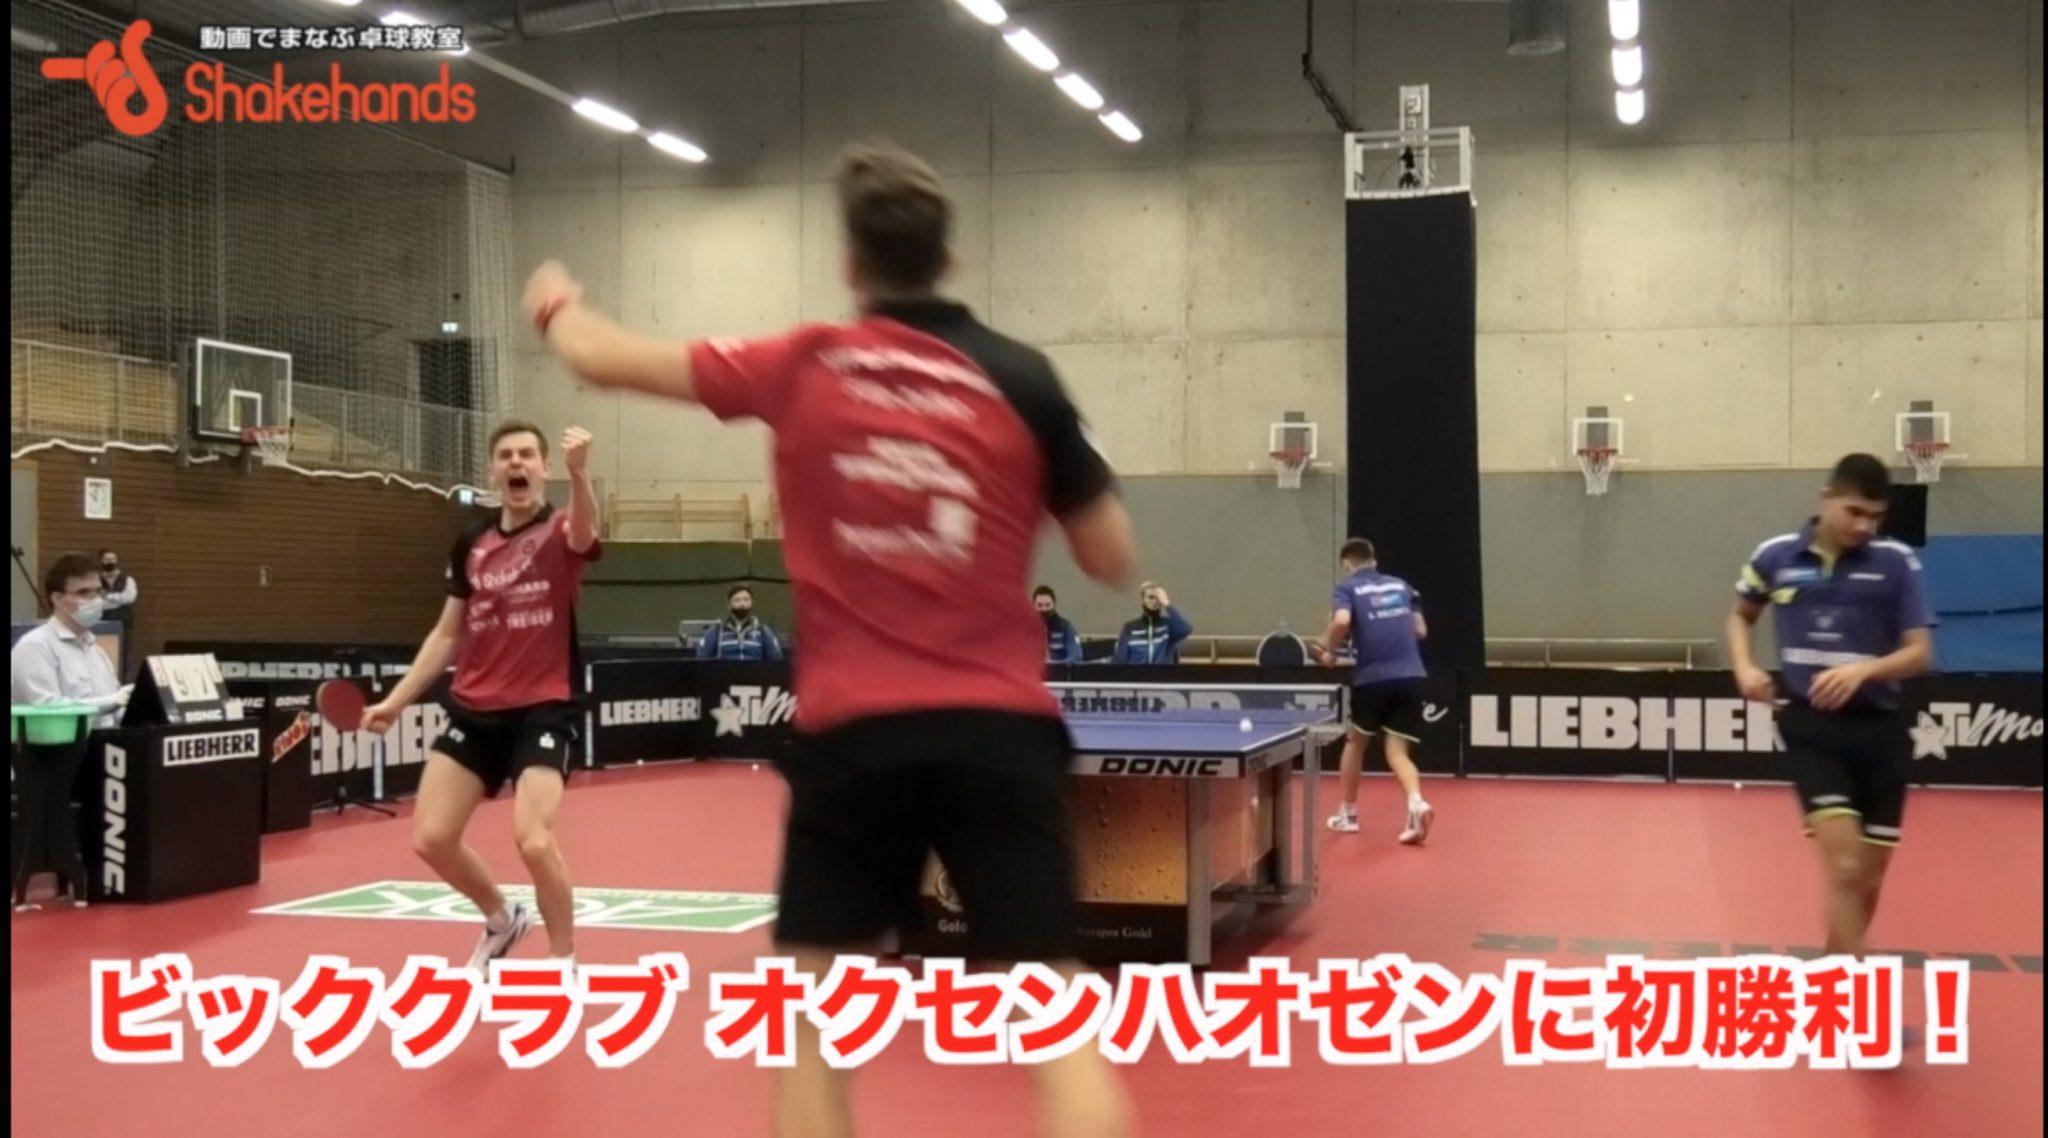 【ブンデスリーグ】オクセンハウゼンに4シーズン目で初勝利!